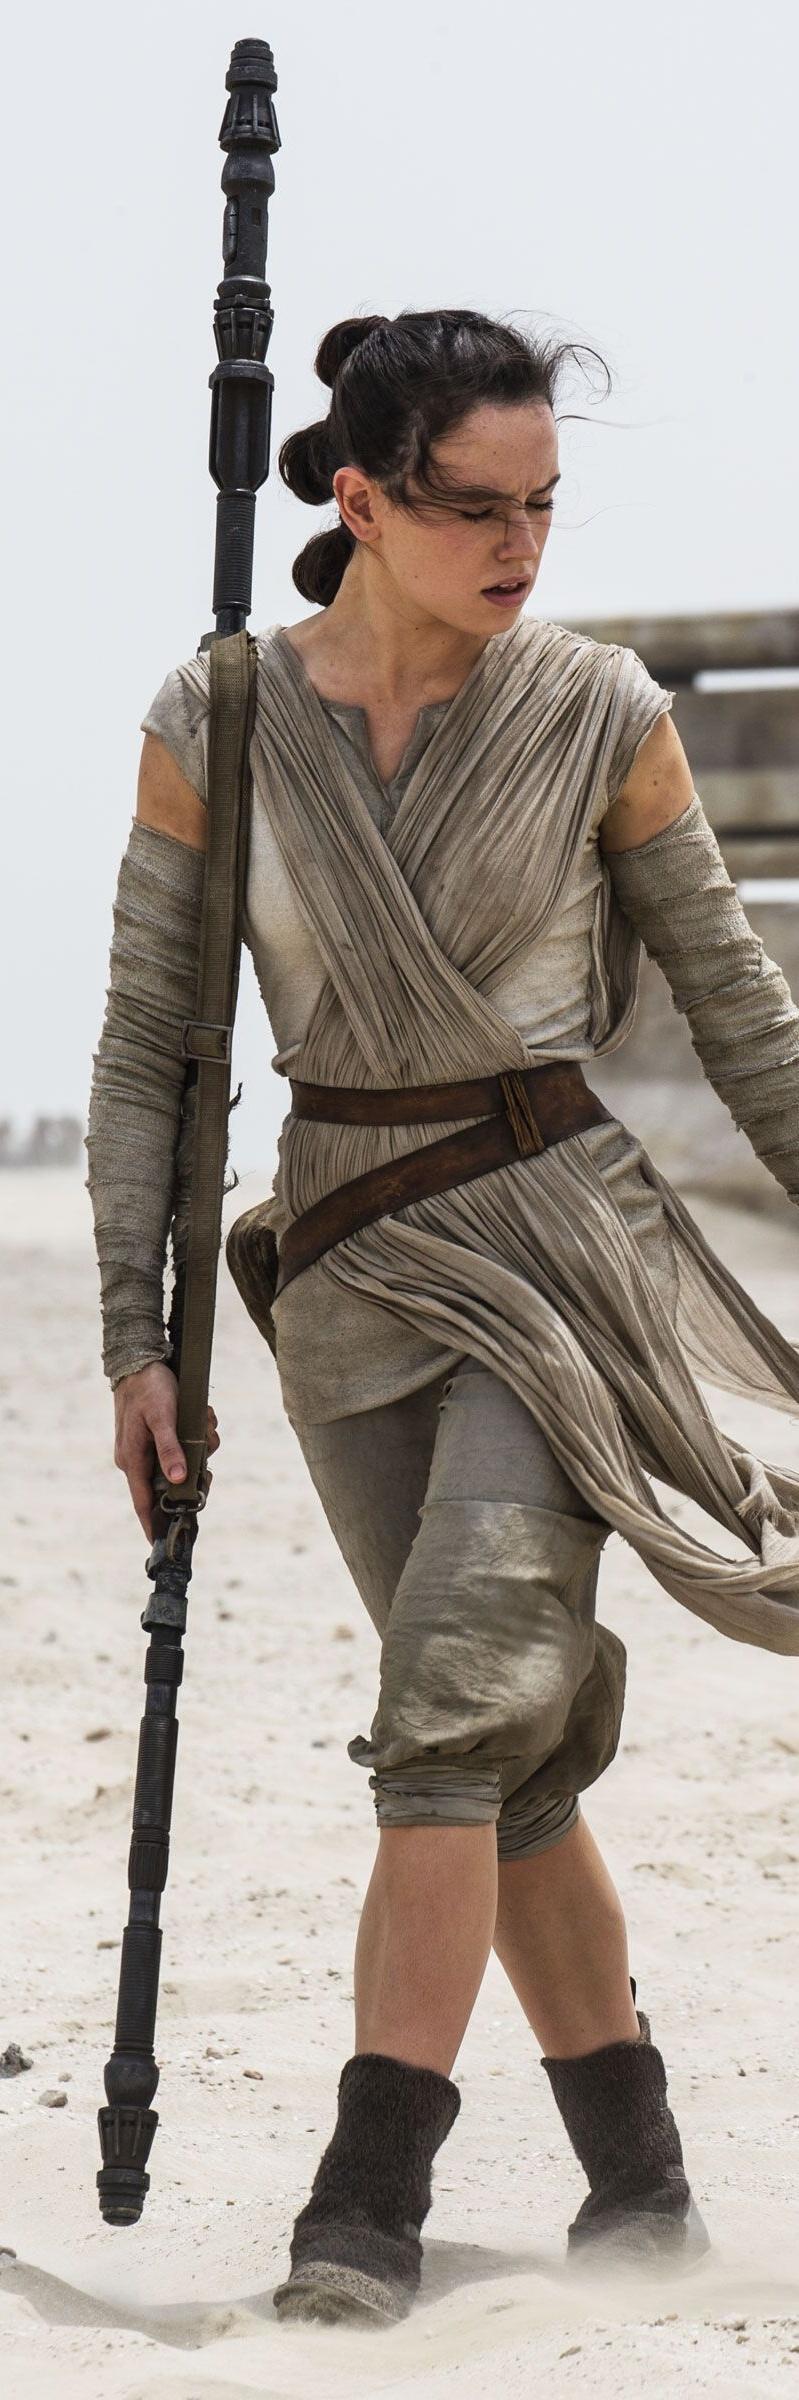 Нетолько Лея! 5 главных женских персонажей нового канона «Звездных Войн». - Изображение 26